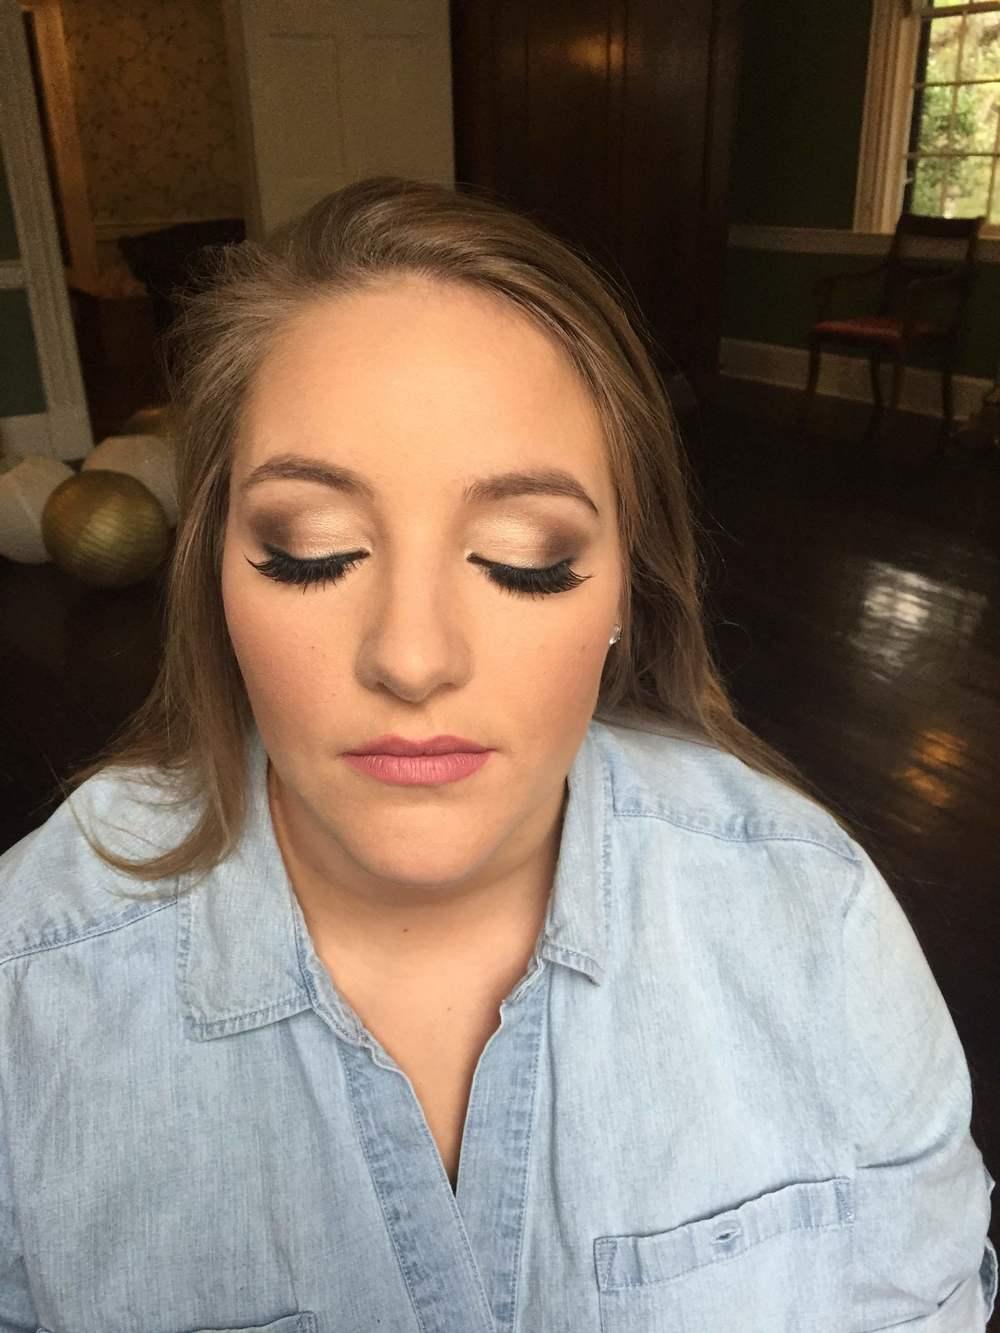 sarah makeup 0010.JPG